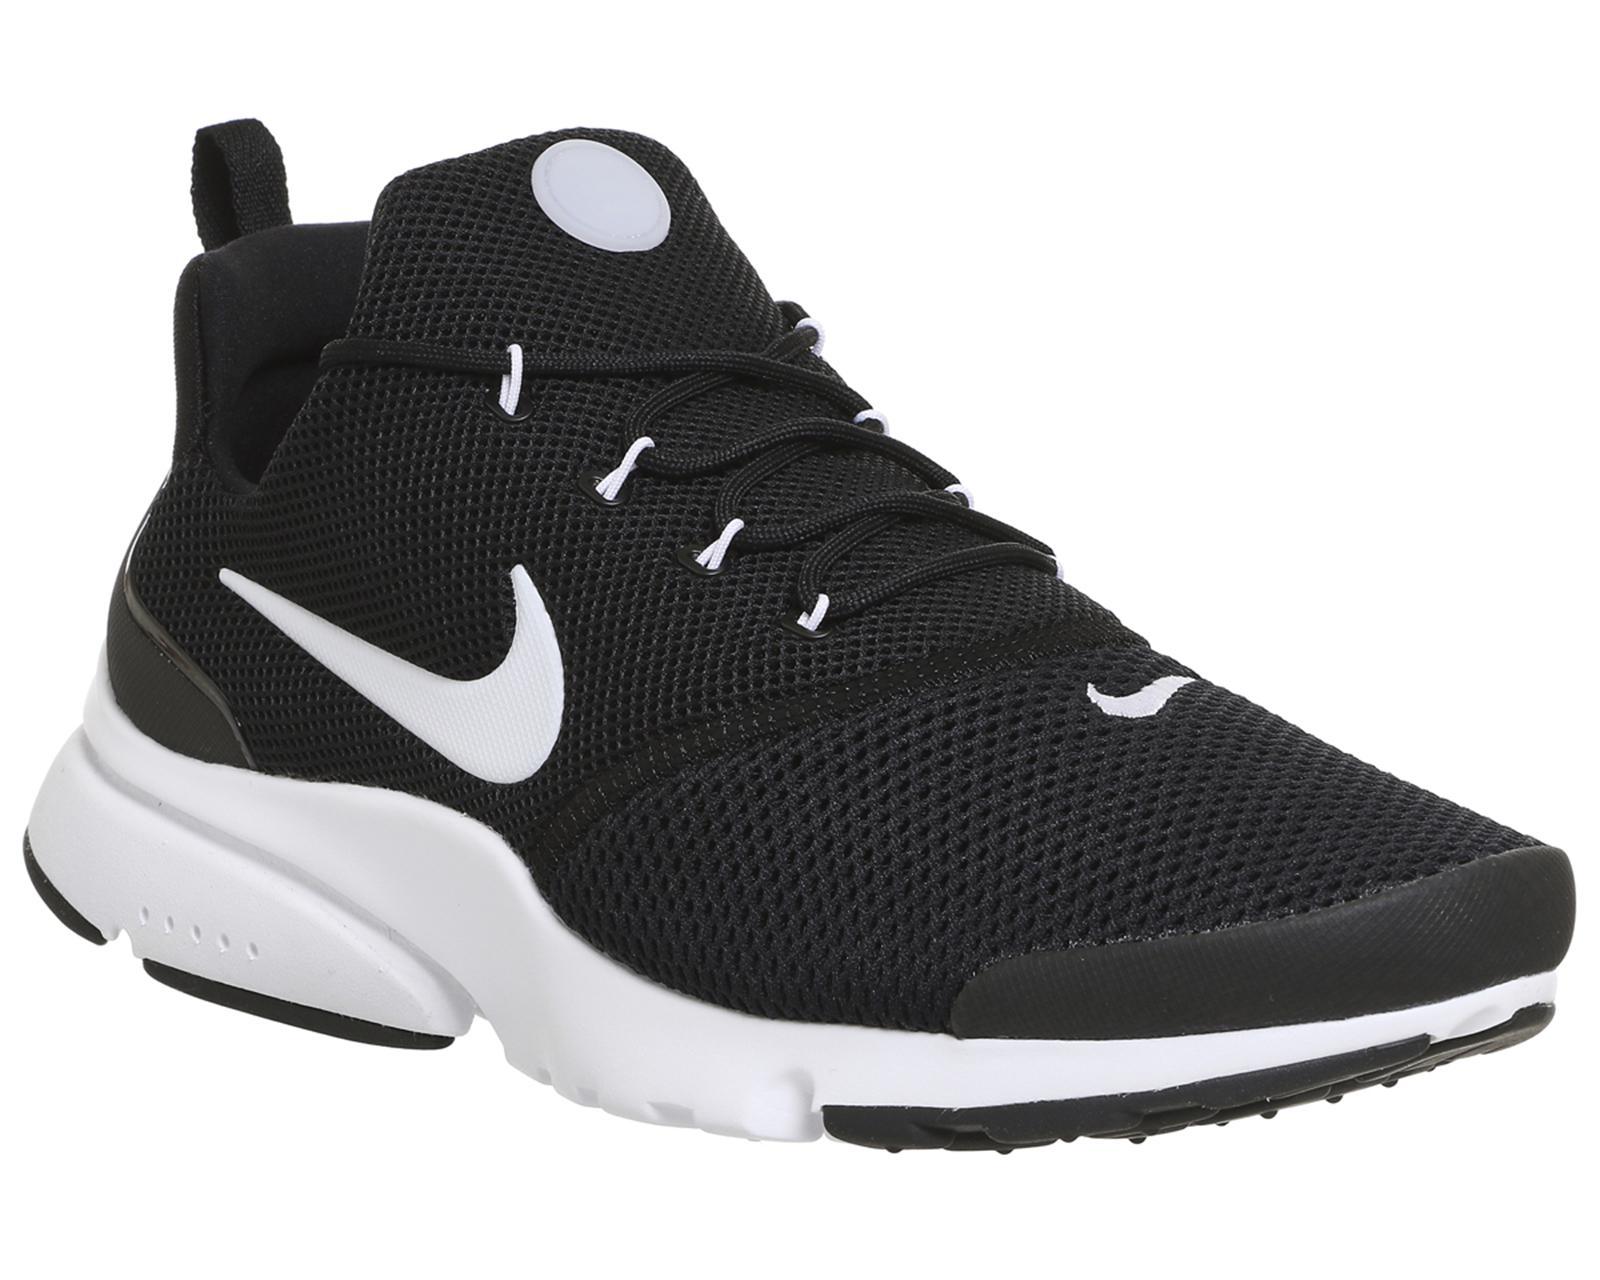 Nike Gris Libre Og Bord 14 Formateurs